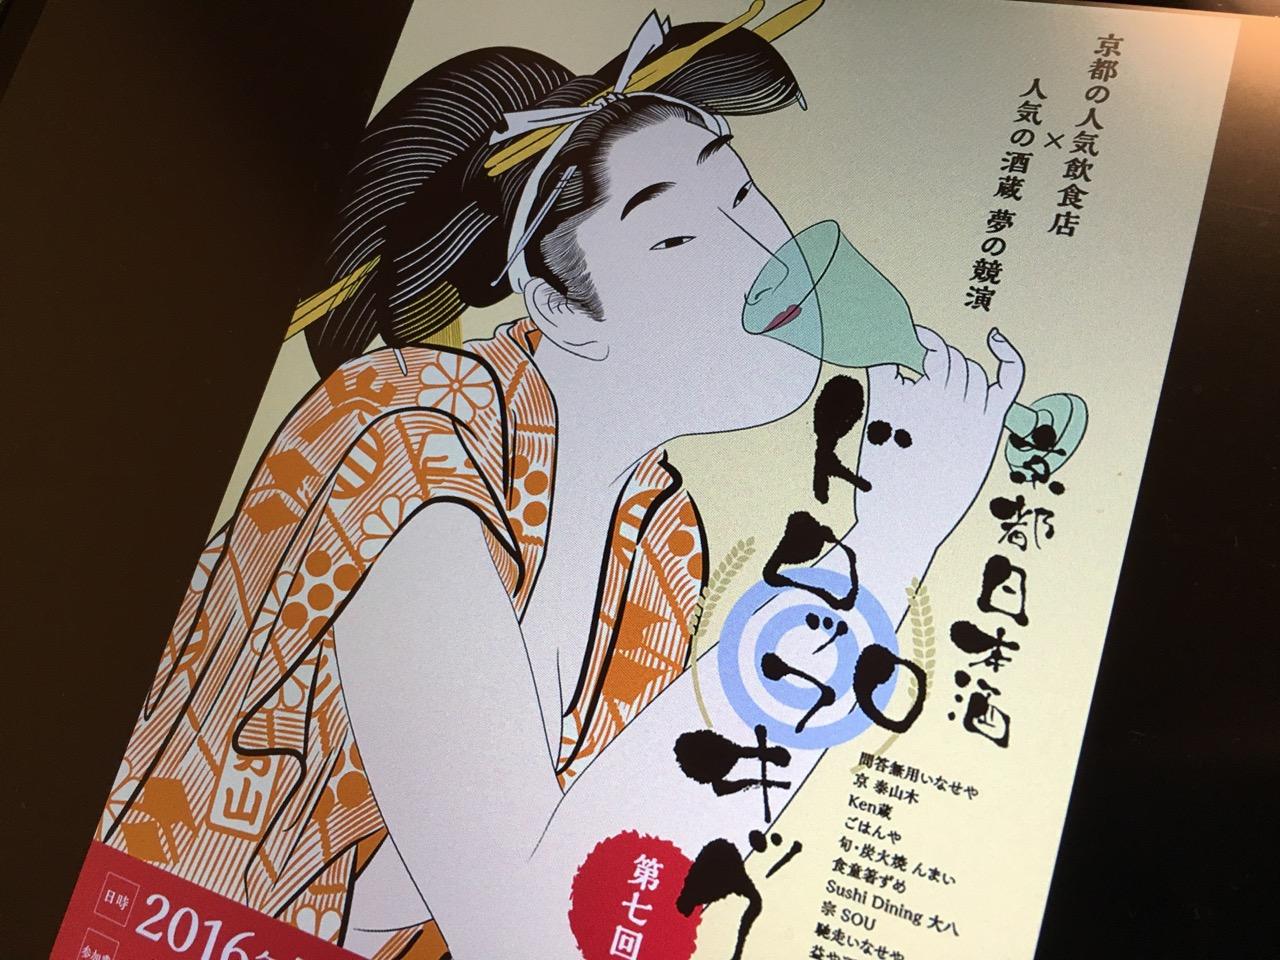 京都日本酒ドロップキック2016 4軒目から10軒目